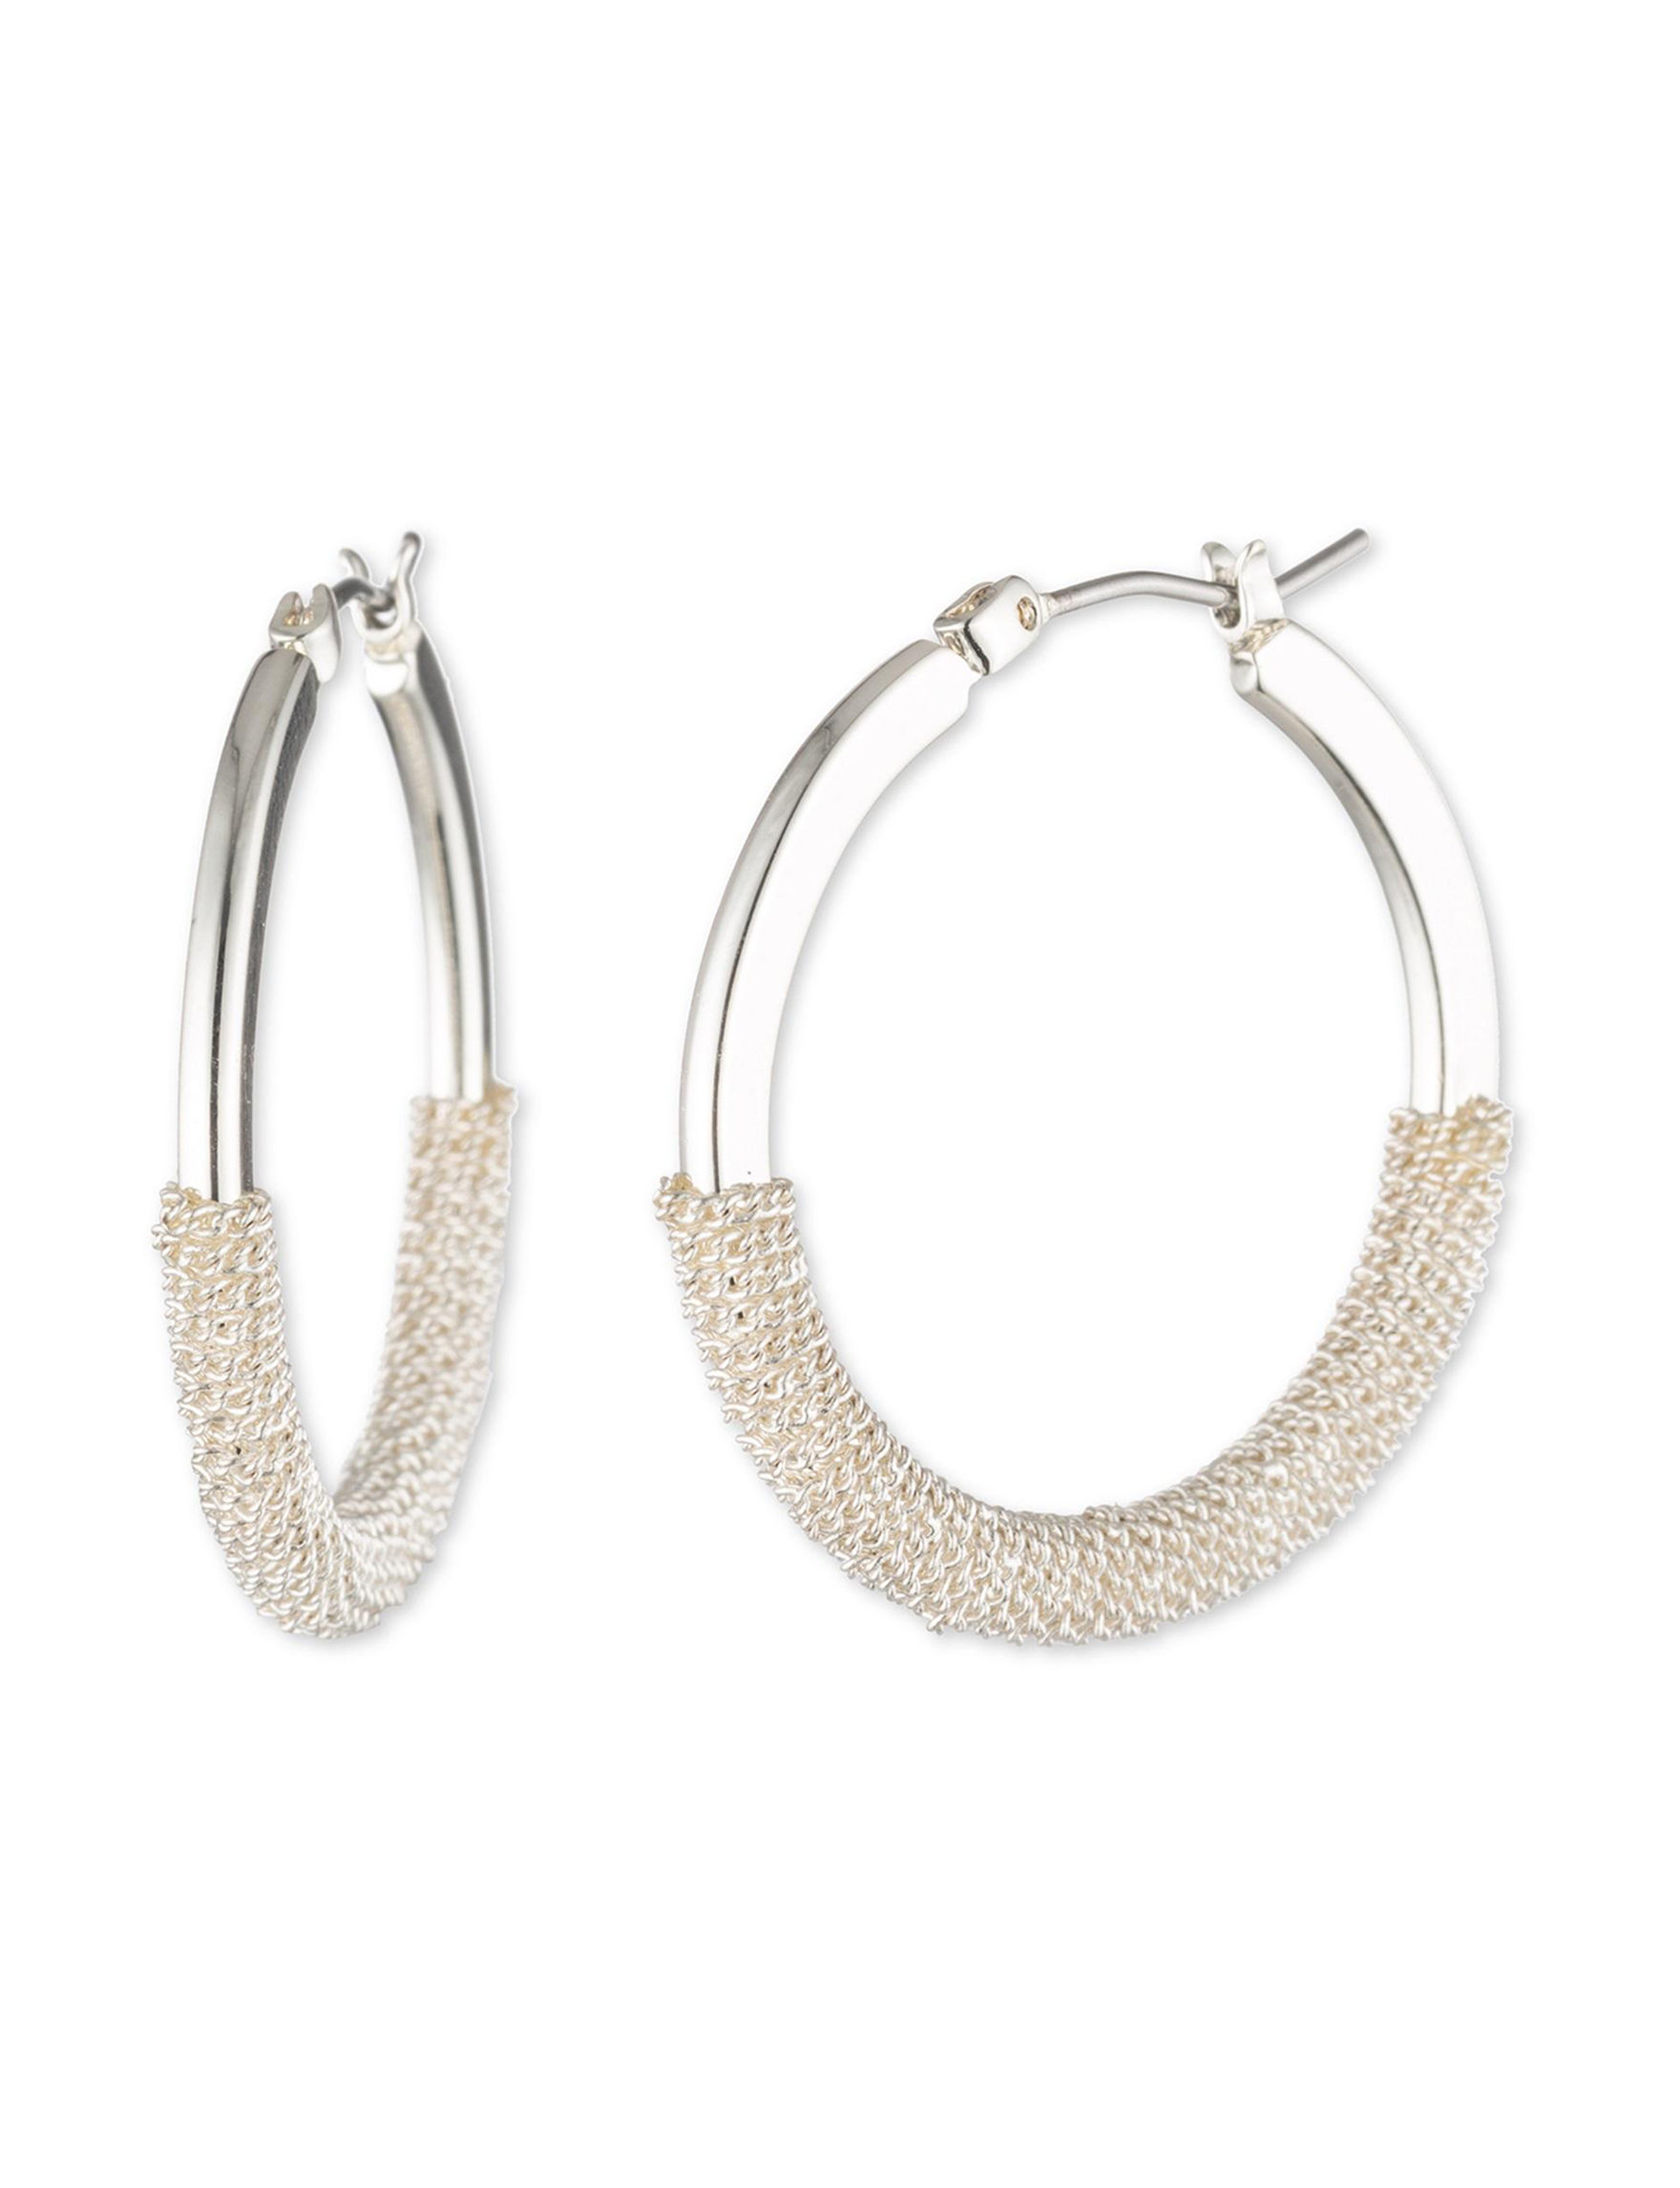 Chaps Silver Hoops Earrings Fashion Jewelry